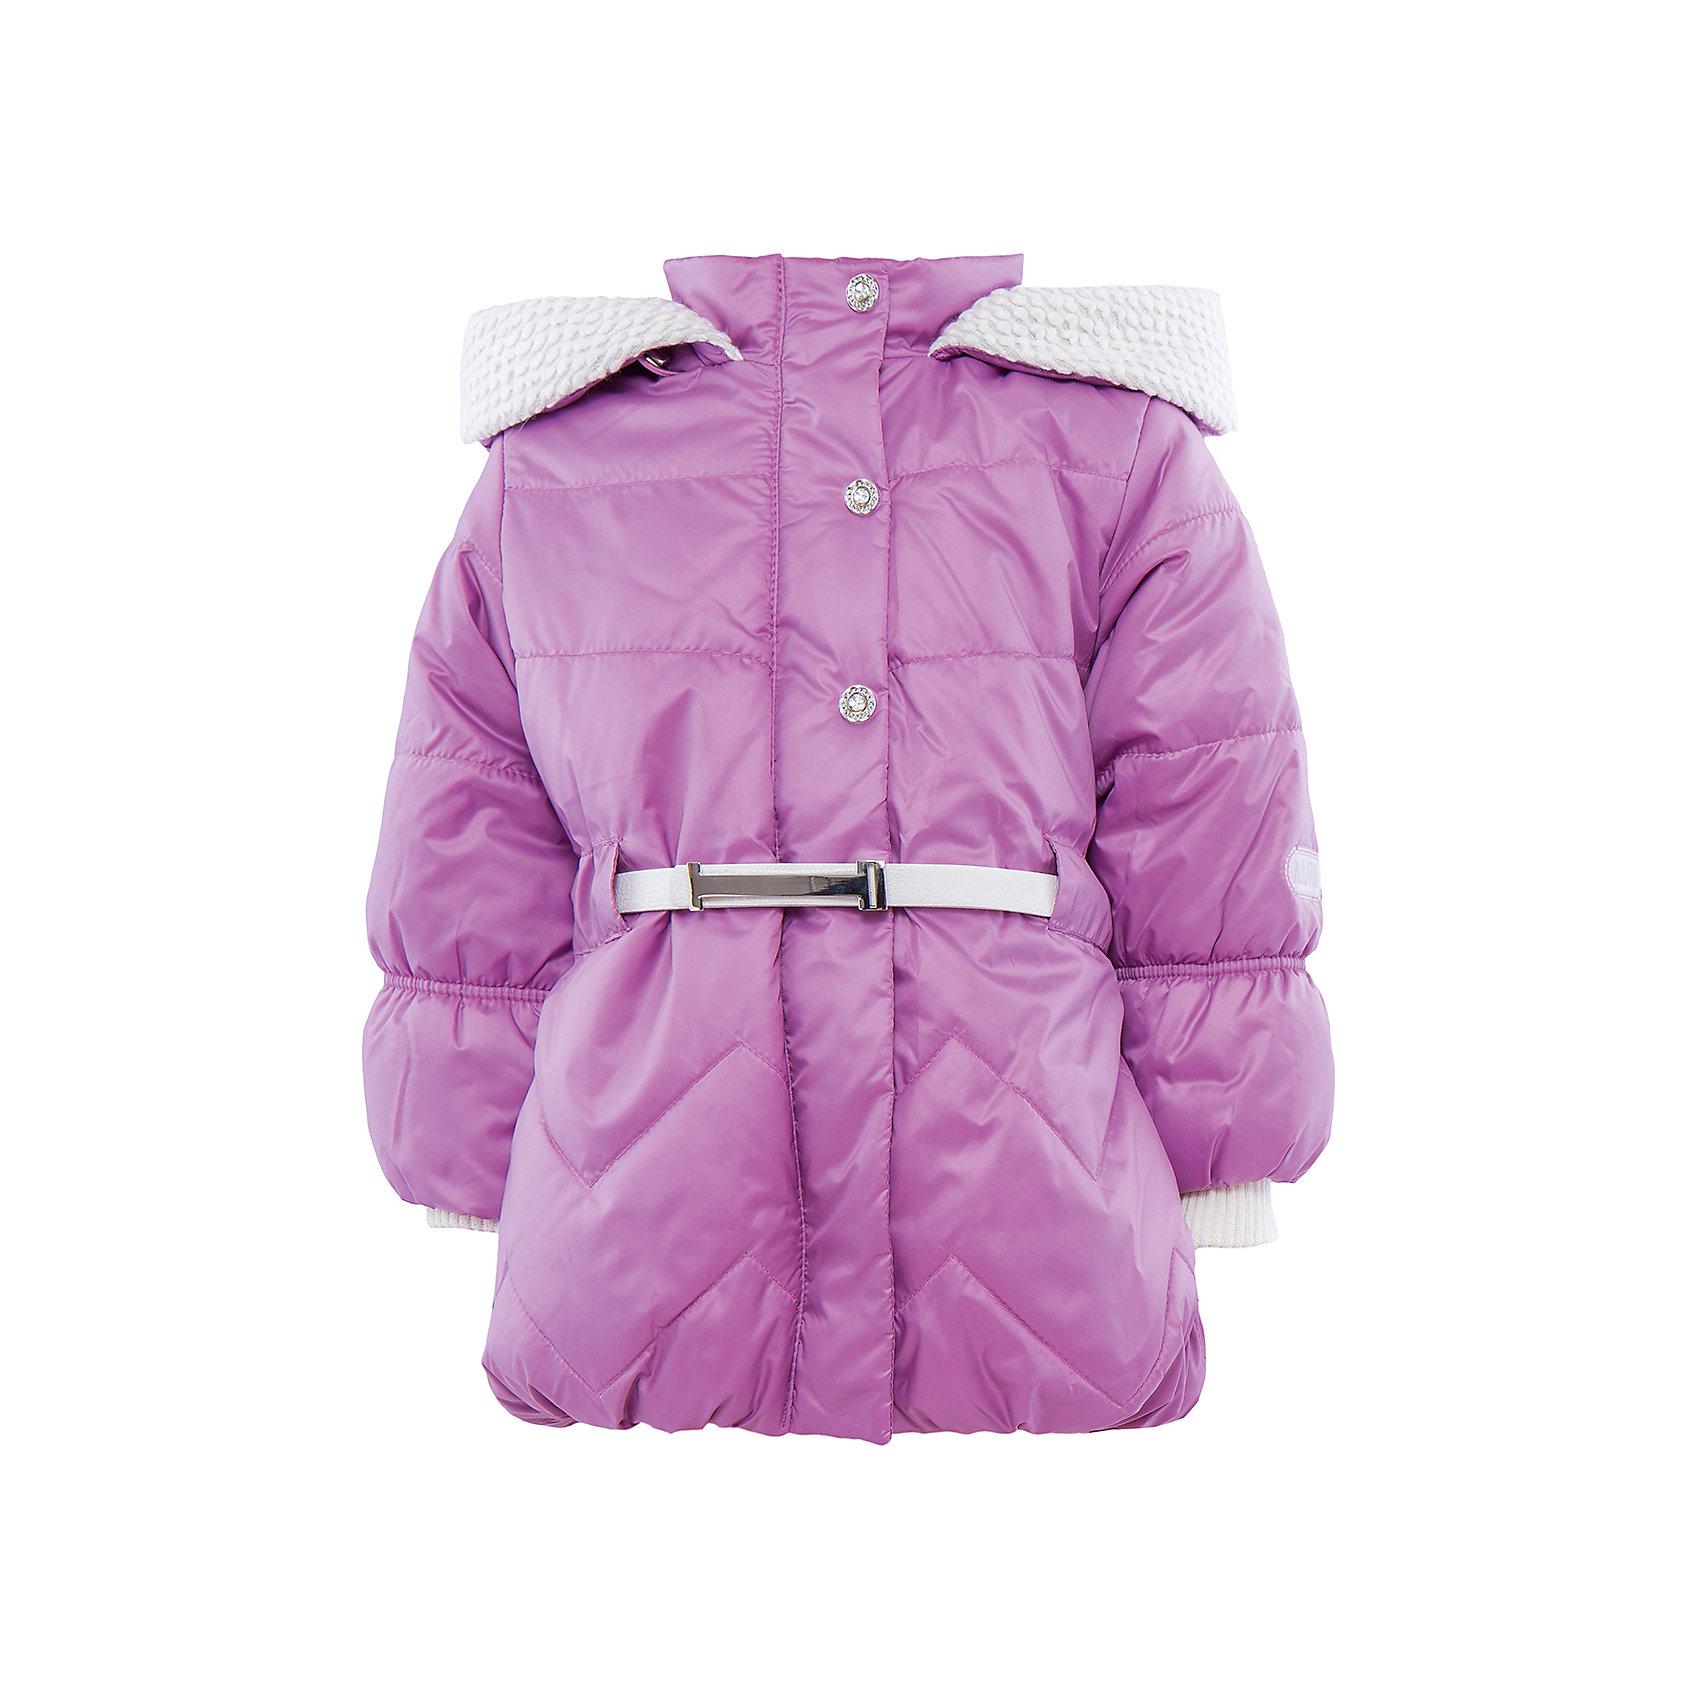 Куртка для девочки АртельВерхняя одежда<br>Куртка для девочки от известного бренда Артель<br>Удлиненная куртка для девочки с втачным капюшоном, отделанным драпом зерно. По линии талии имеется регулируемый пояс, который позволяет подогнать куртку по фигуре. Центральная застежка на молнию прикрыта ветрозащитной планкой. Трикотажные манжеты на рукавах и резинка по низу изделия - обеспечивают защиту от ветра. <br>Состав:<br>Верх: YSD 819<br>Подкладка: интерлок<br>Утеплитель: термофайбер 200гр<br><br>Ширина мм: 356<br>Глубина мм: 10<br>Высота мм: 245<br>Вес г: 519<br>Цвет: розовый<br>Возраст от месяцев: 24<br>Возраст до месяцев: 36<br>Пол: Женский<br>Возраст: Детский<br>Размер: 98,80,86,92<br>SKU: 4963621